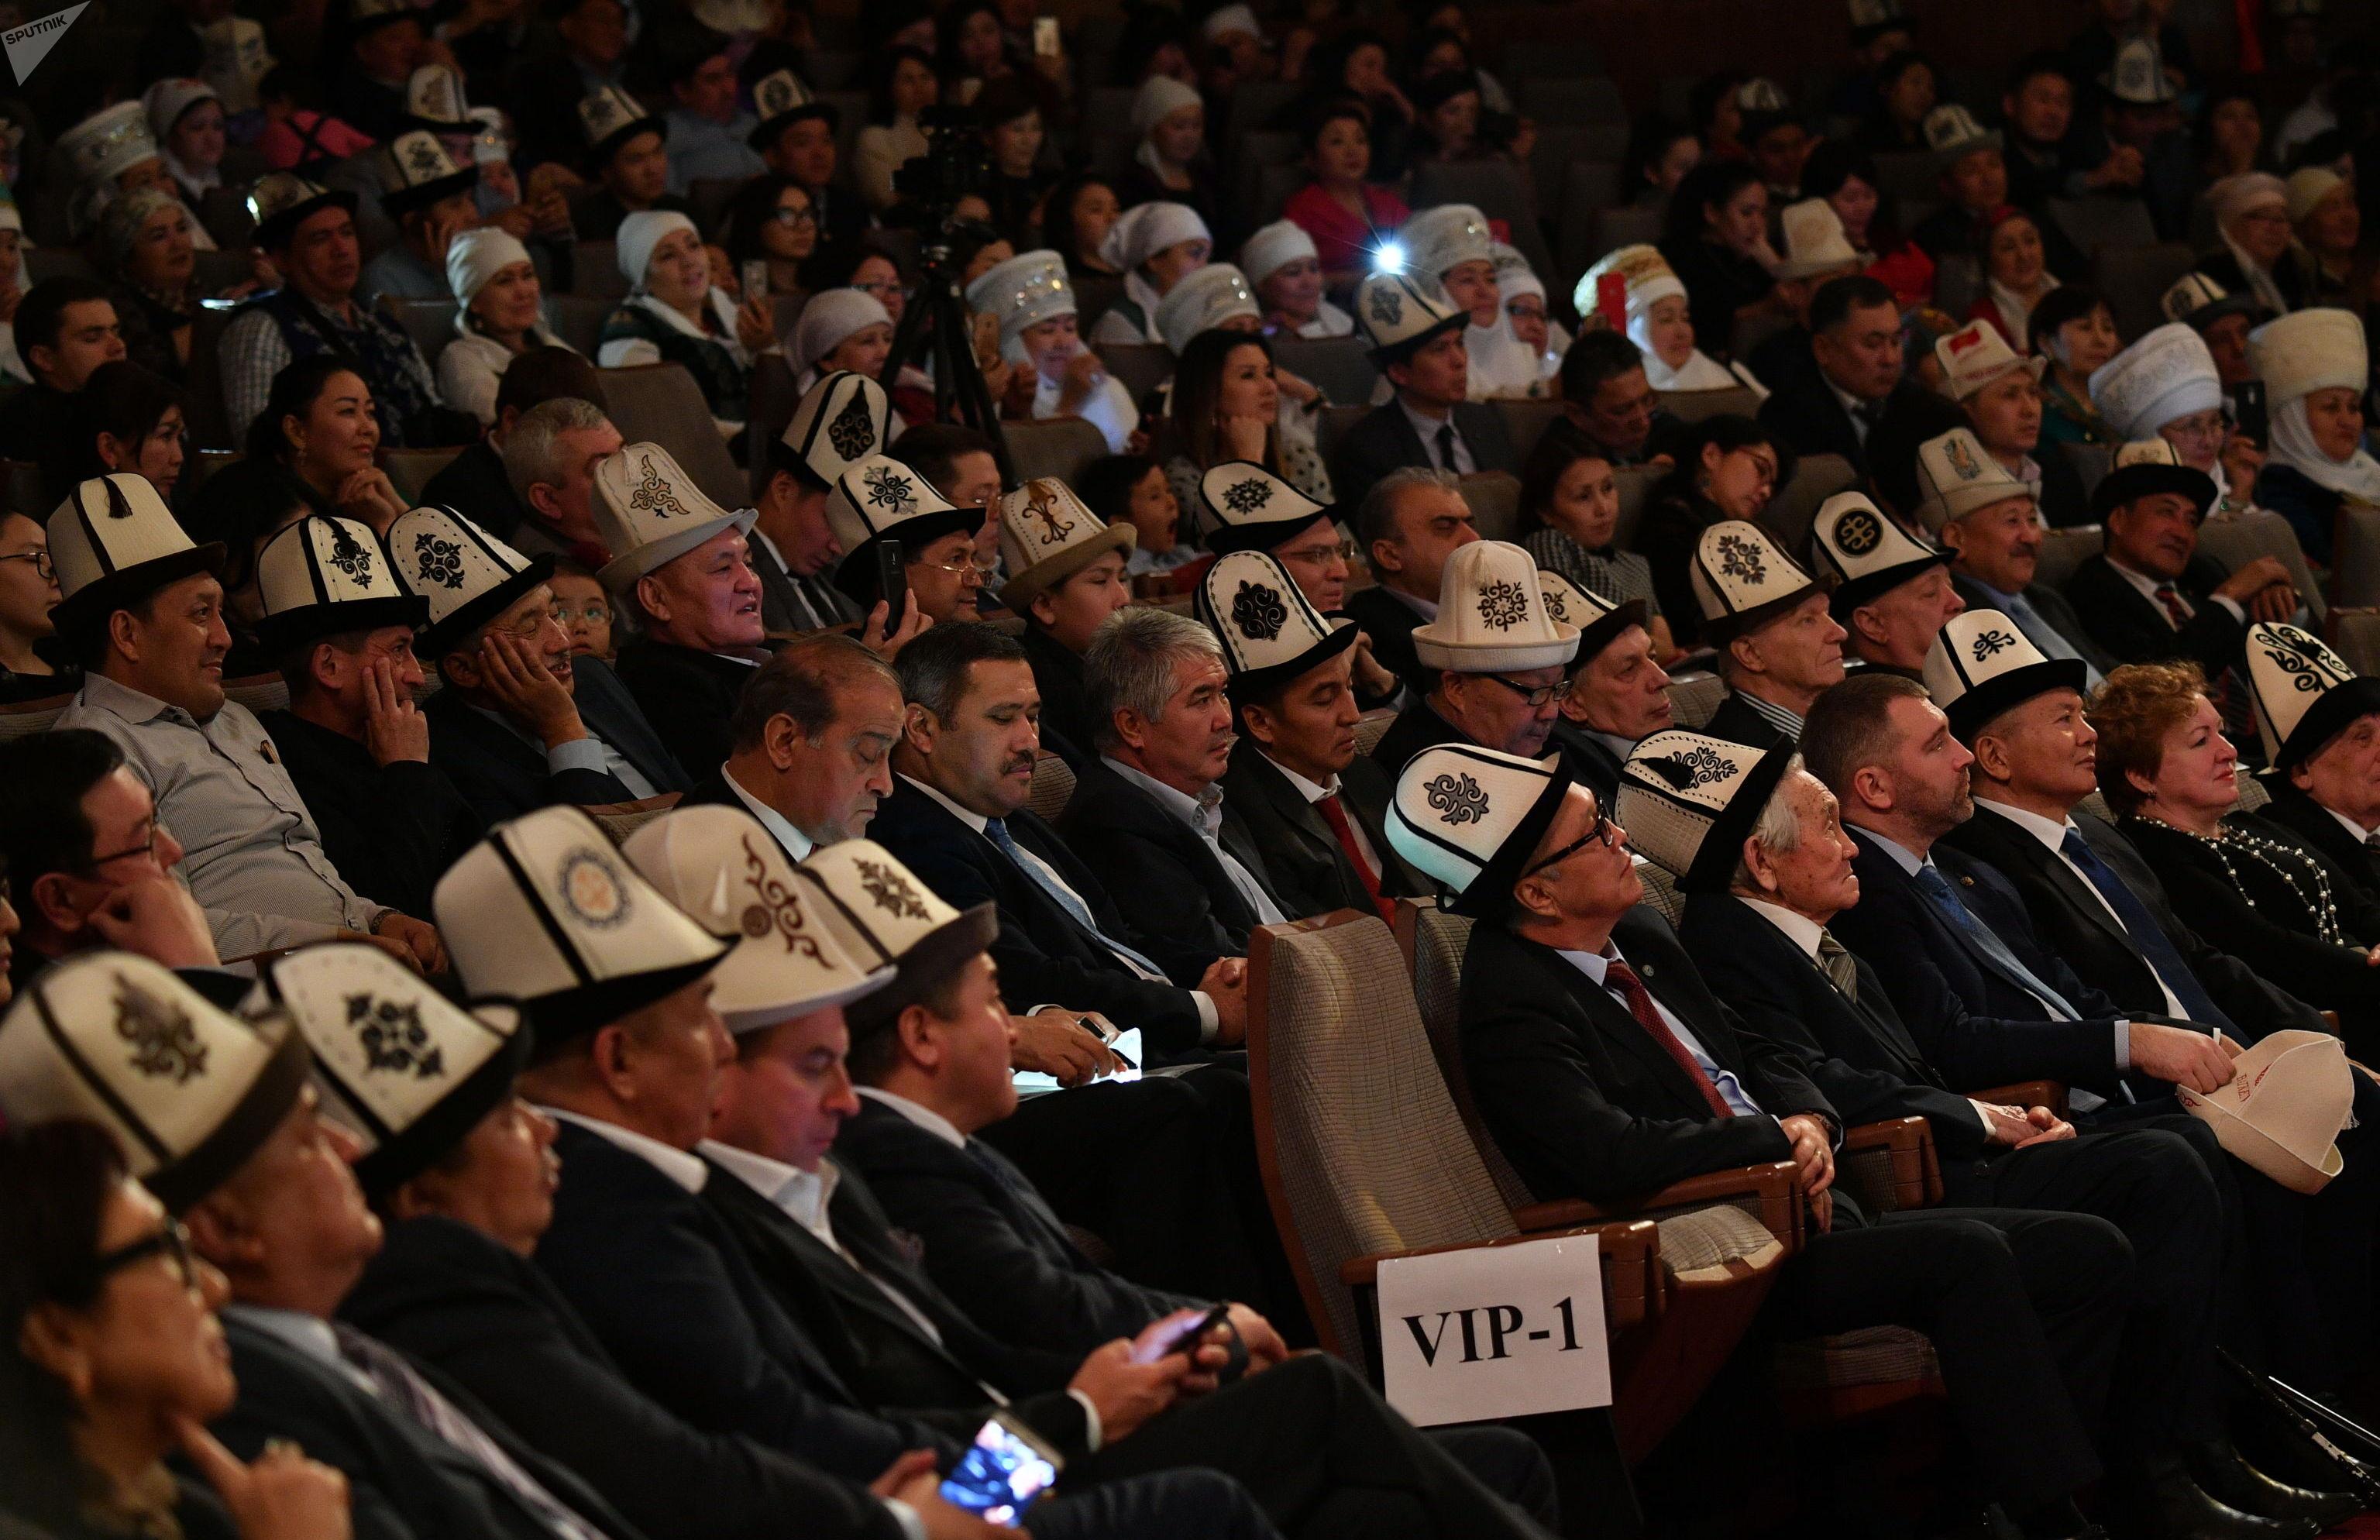 Концерт в честь Дня ак калпака в холле Большого концертного зала правительства Москвы